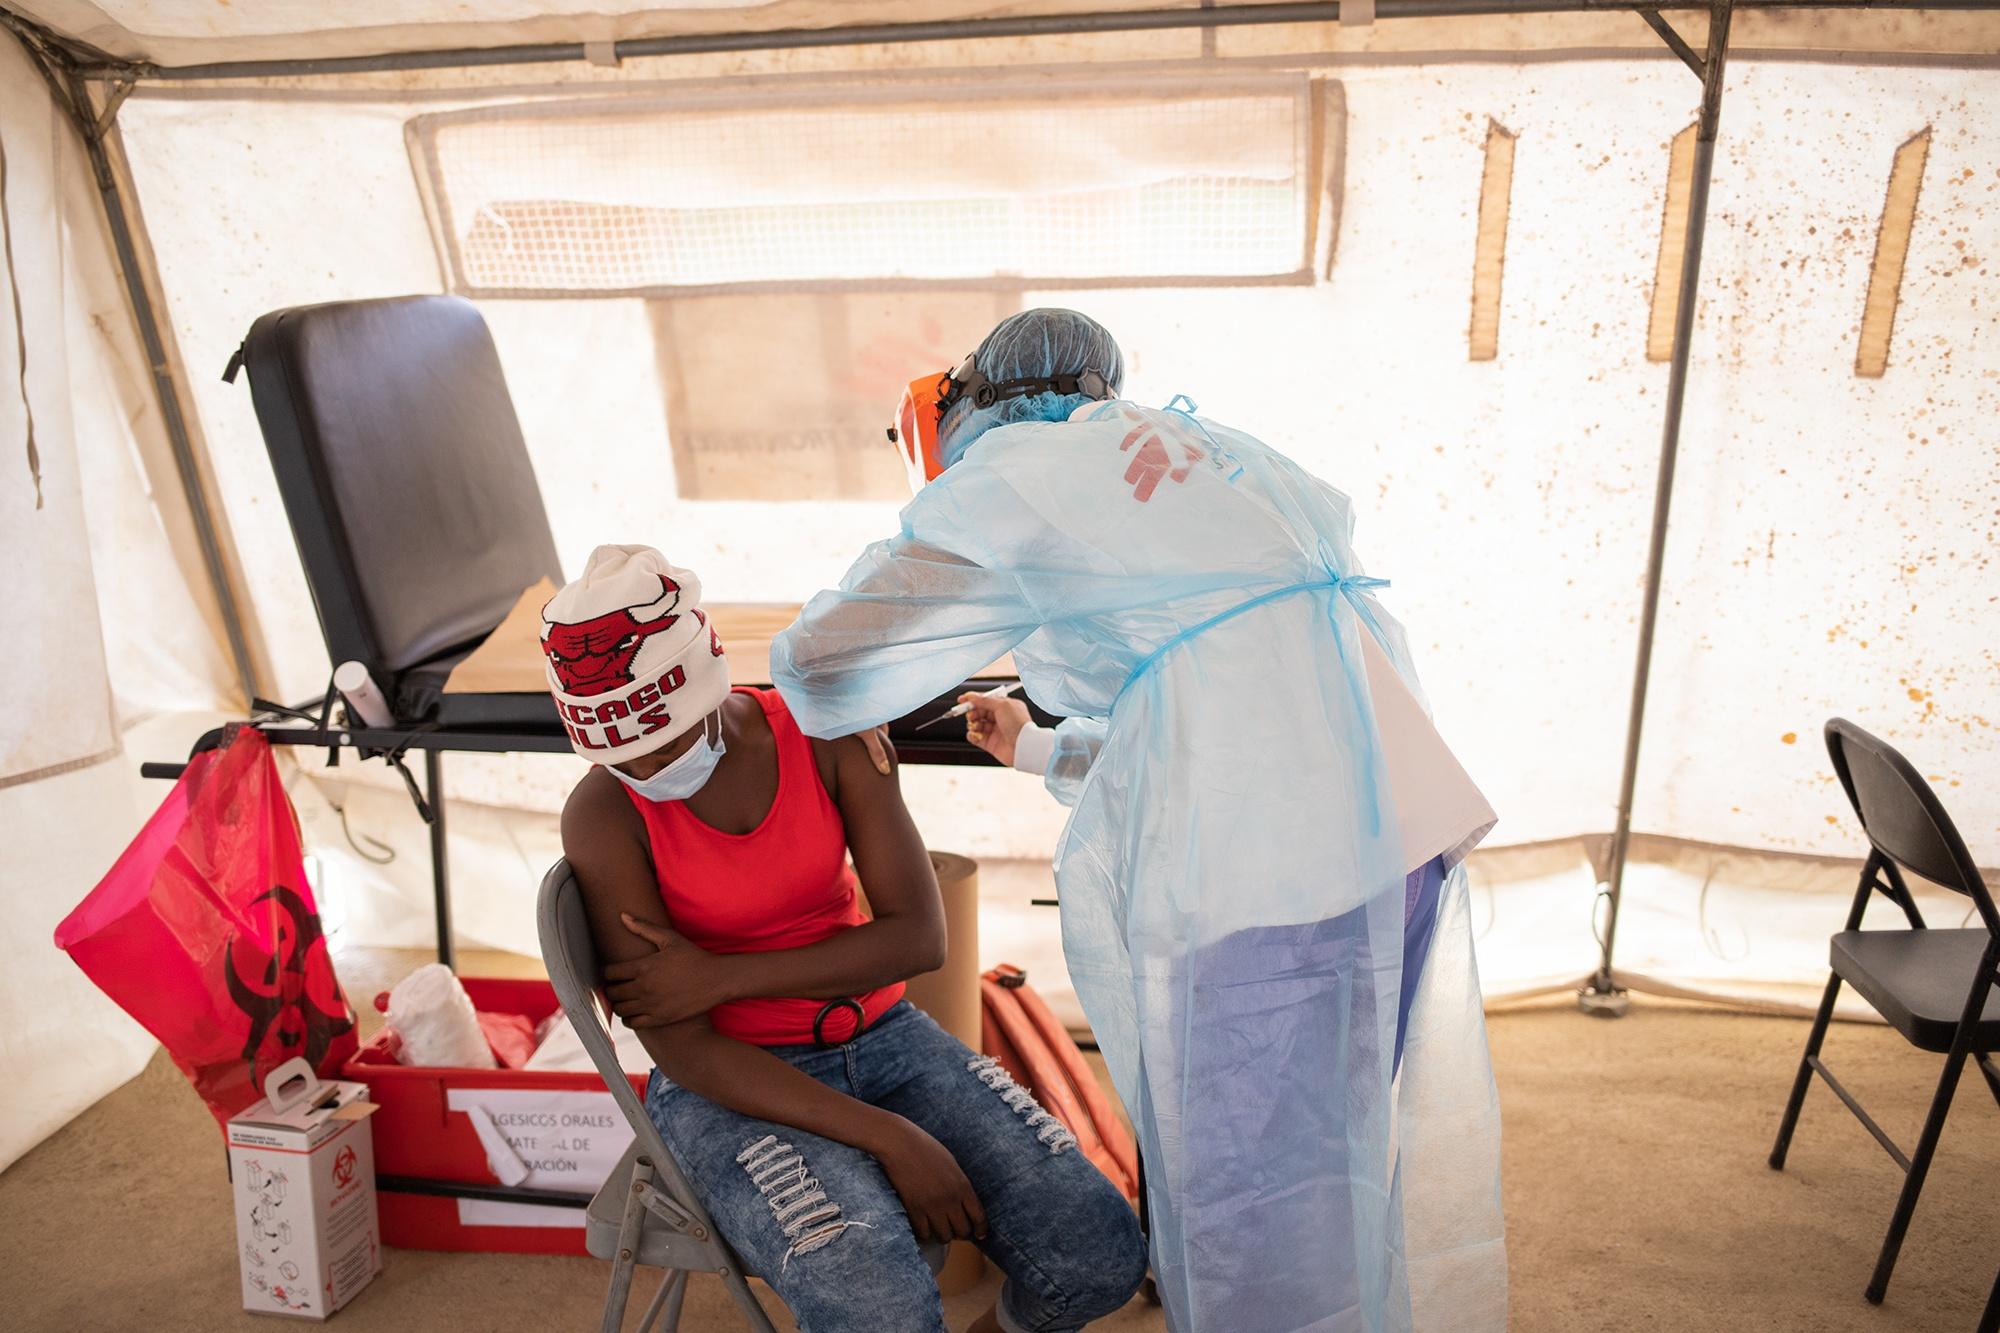 Damaris Díaz, licenciada en enfermería, da atención a una joven haitiana que ha llegado hasta la clínica de Médicos Sin Fronteras. La organización contabiliza un promedio de 45 atenciones diarias desde el mes de marzo, cuando comenzó su atención en el municipio de Trójes. 22 de abril de 2021. Foto: Martín Cálix.